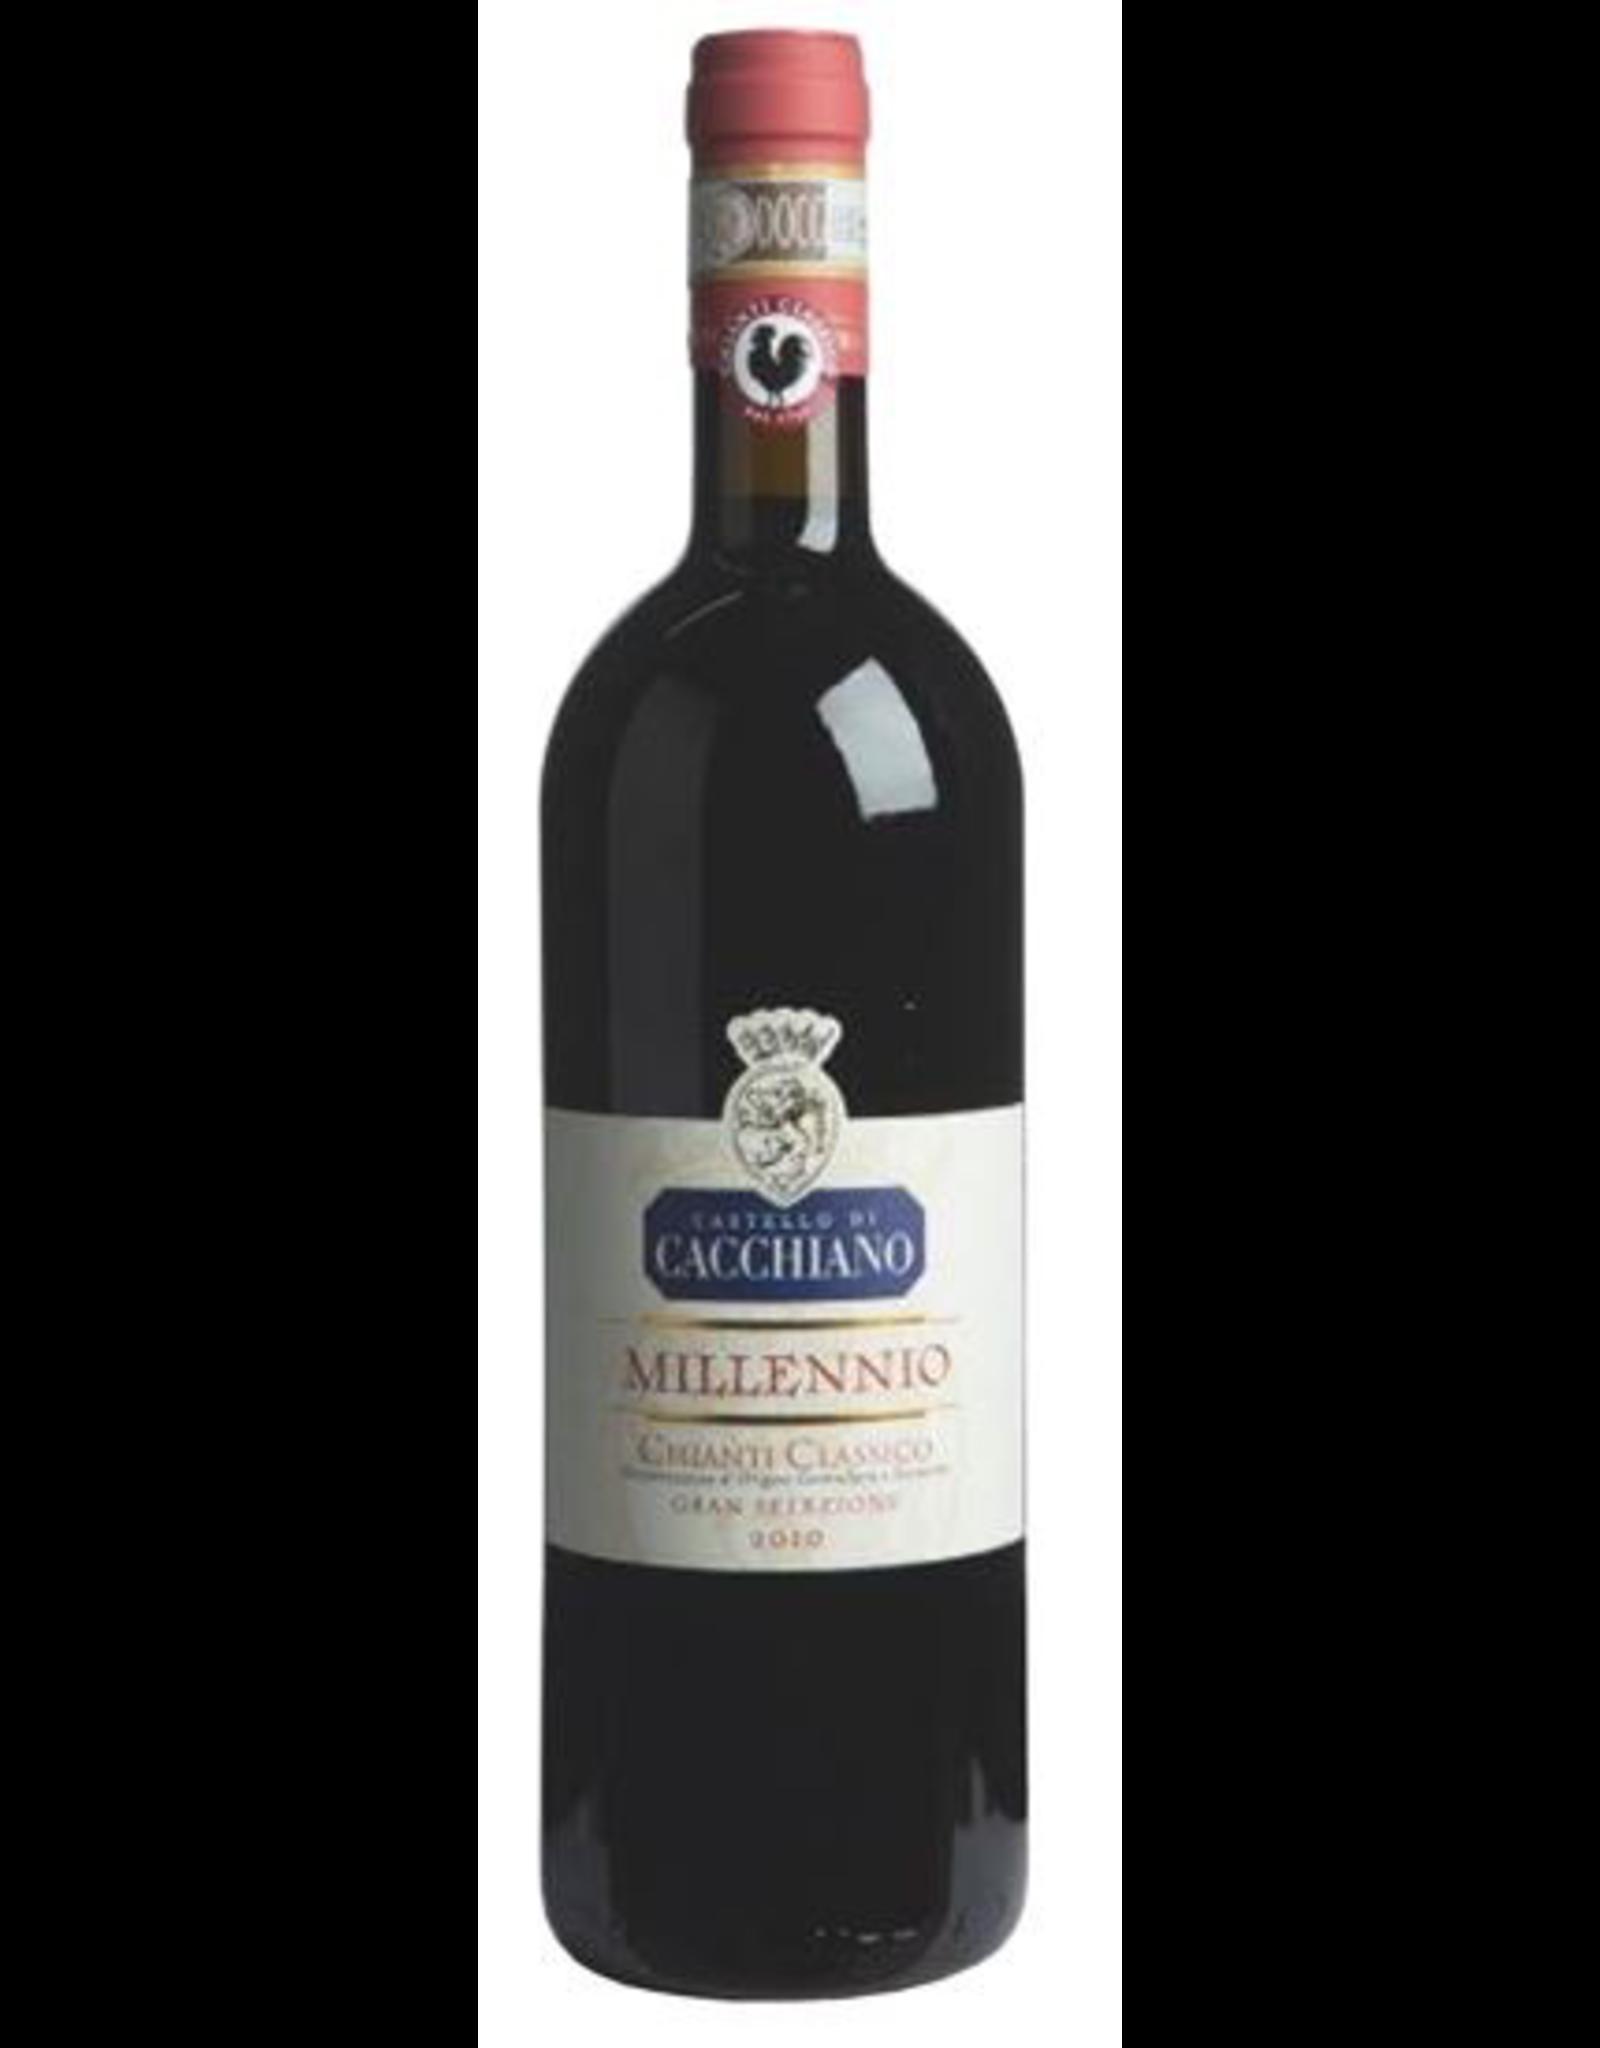 Red Wine 2010, Castello di Cacchiano Chianti Classico Selezione Millennio, Sangiovese, Chianti Classico DOCG, Tuscany, Italy, 14.5% Alc,